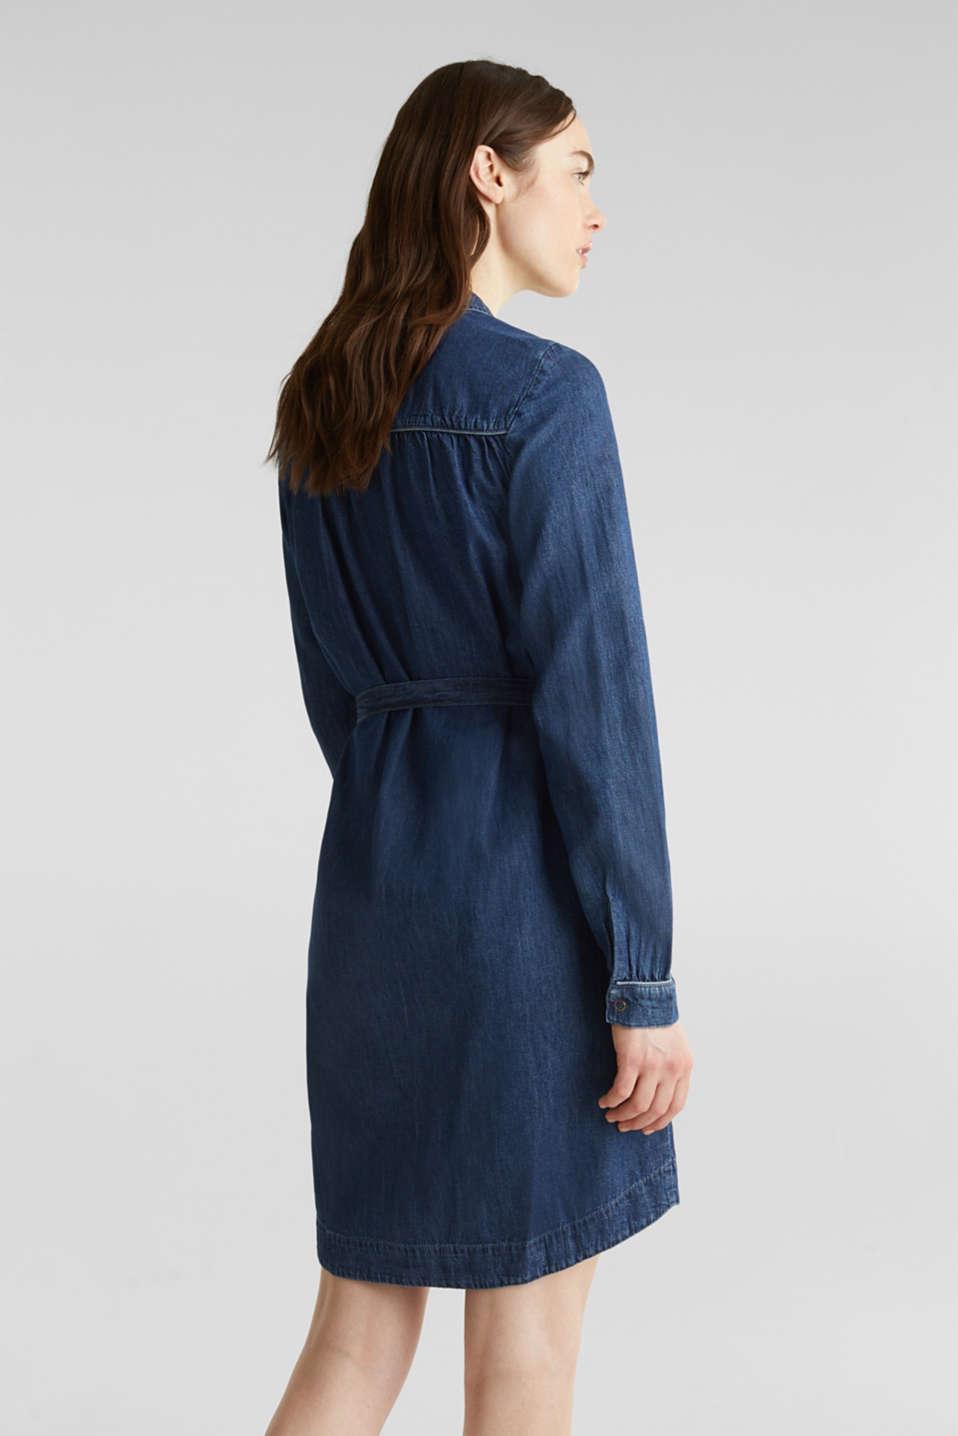 Denim dress with a tie-around belt, 100% cotton, BLUE MEDIUM WASH, detail image number 2